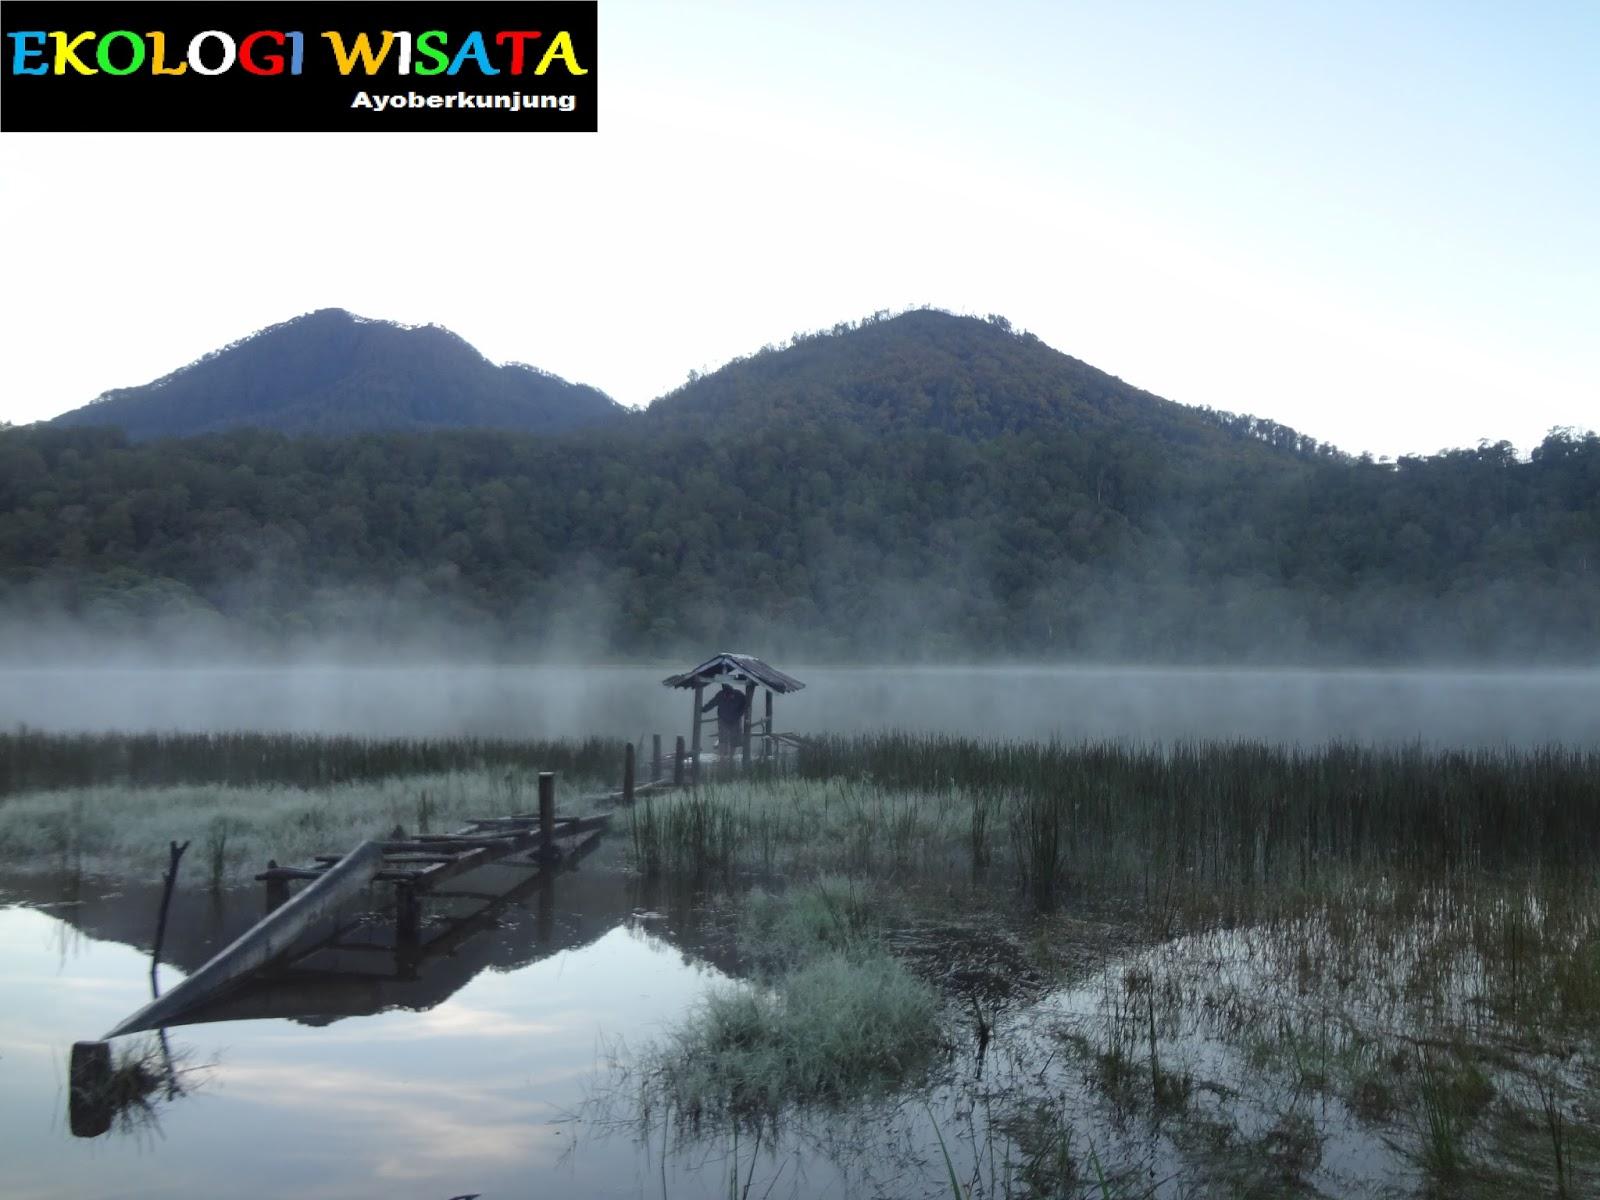 Ekologi Wisata Danau Taman Hidup Gunung Argopuro Argopura 3 088